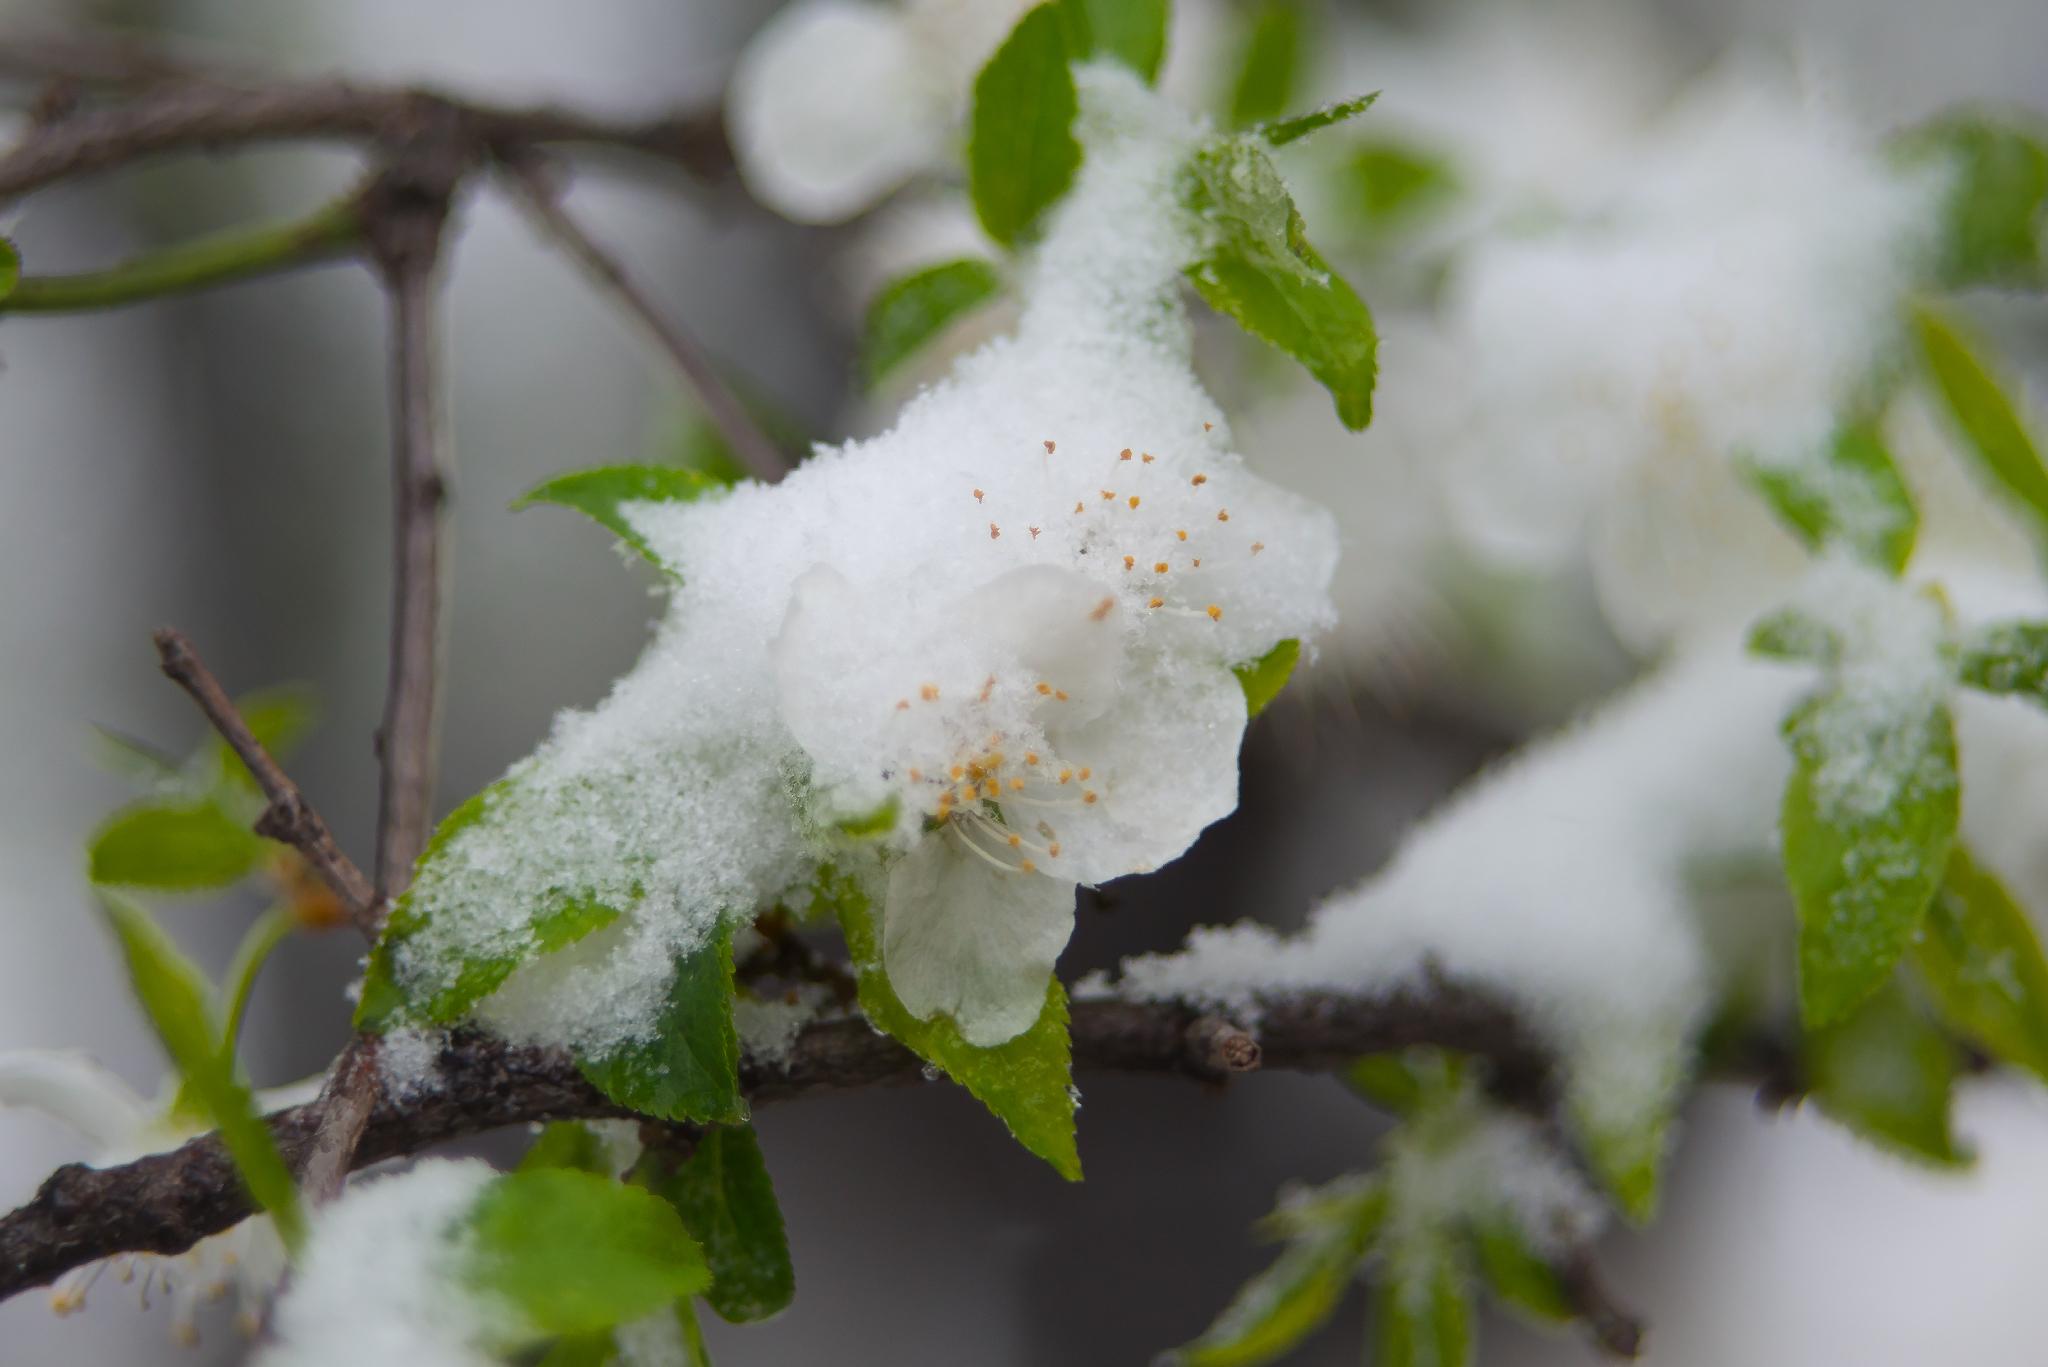 стали картинка апрель снег бонсай изысканная поделка